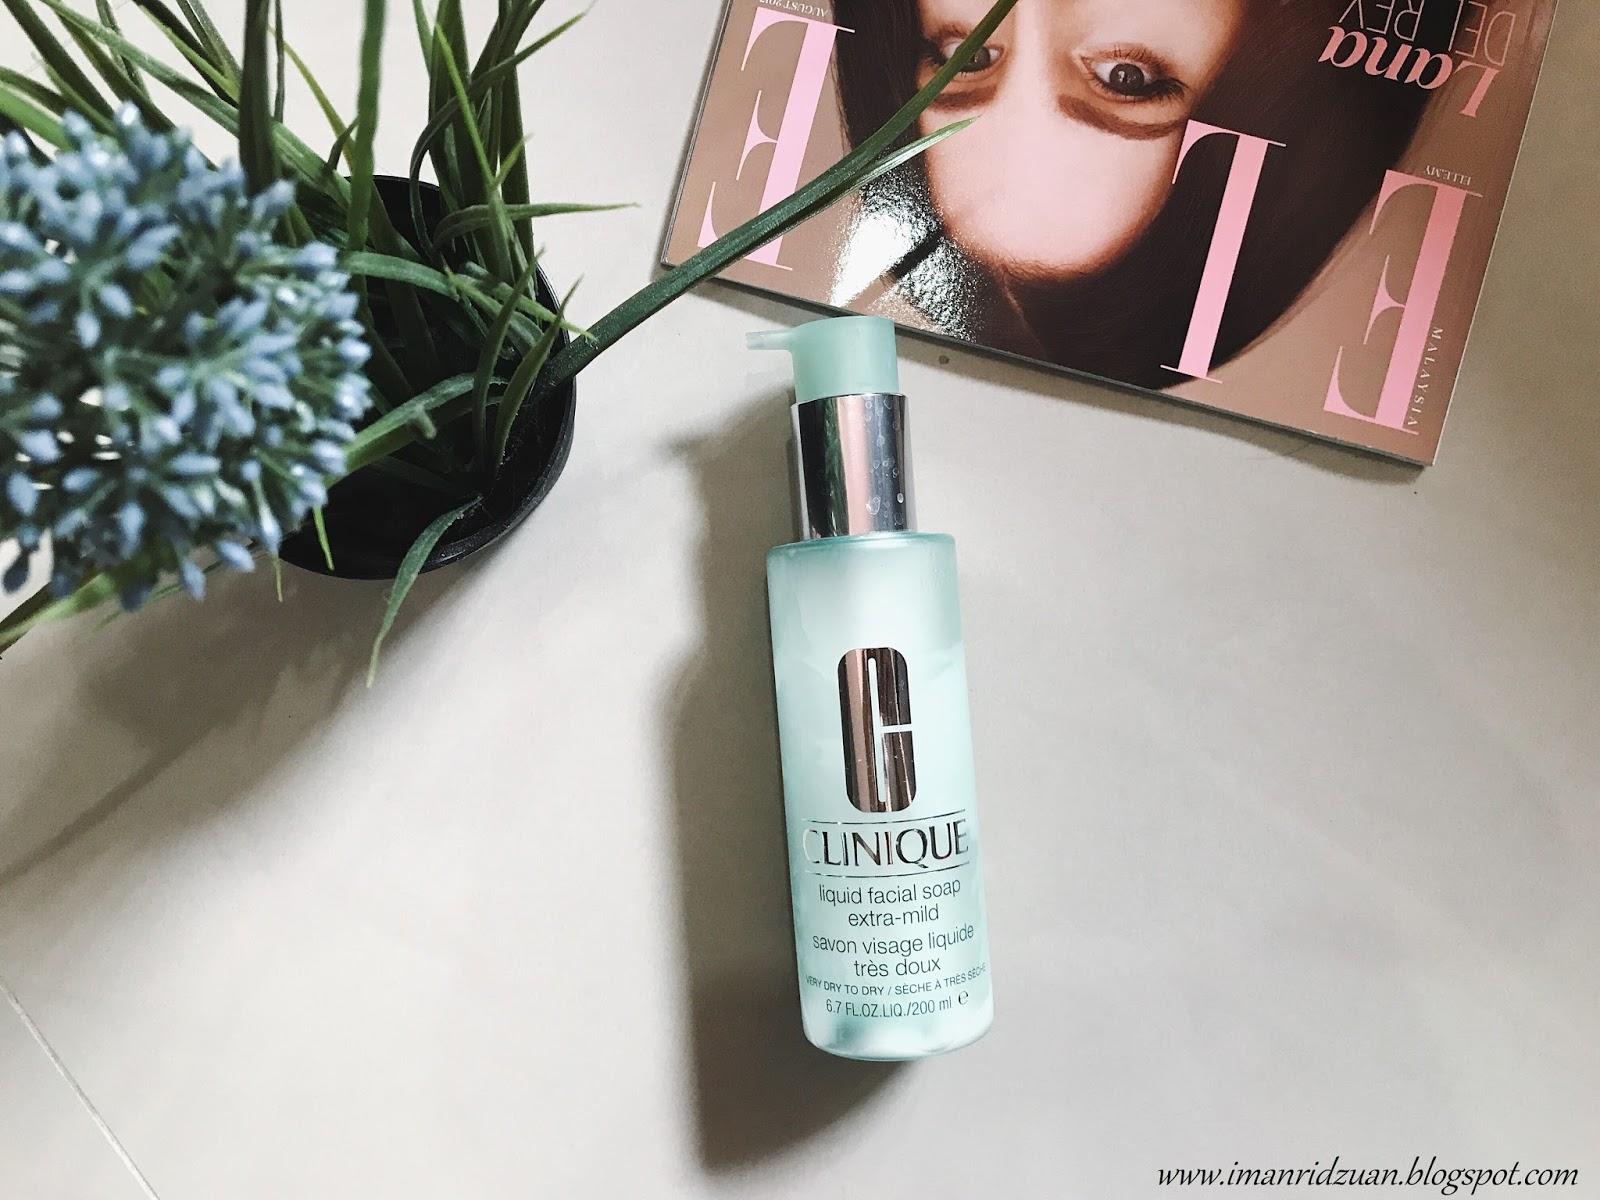 Liquid Facial Soap Extra Mild by Clinique #12